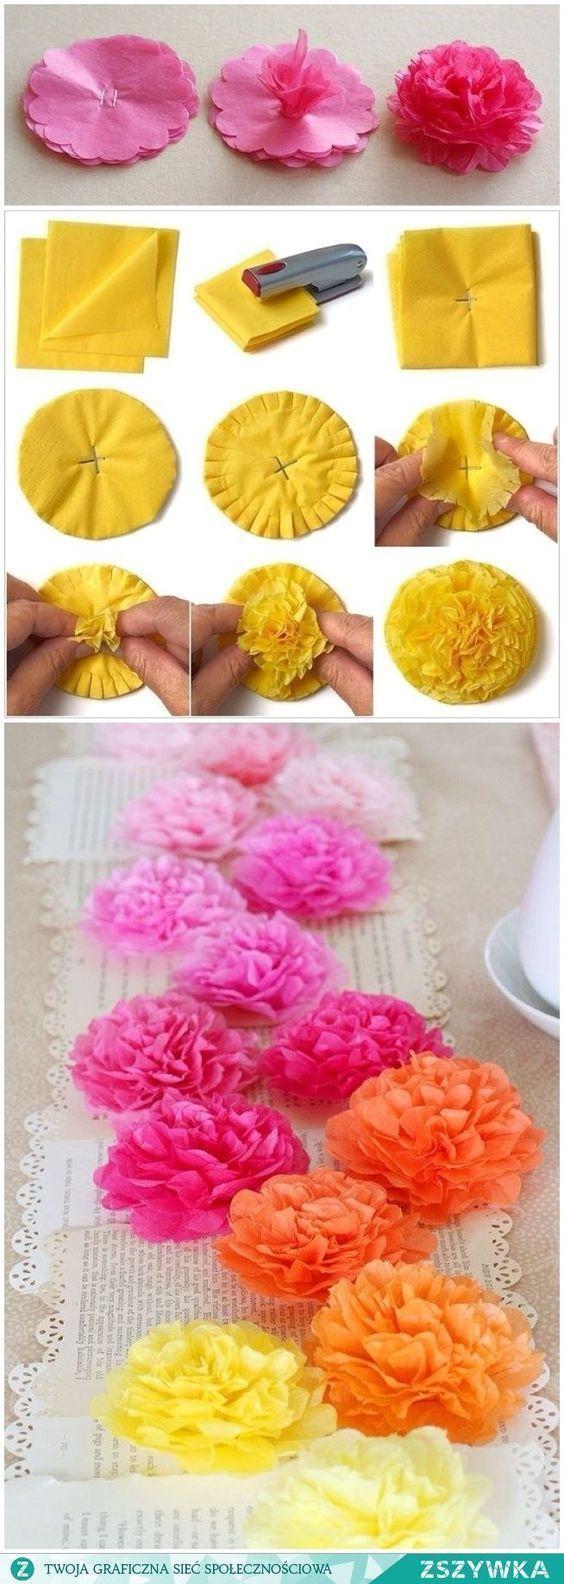 Hallo! Ich bin zurück mit einem inspirierenden Montag zum DIY Flower Se #a   - Hochzeitsgeschenk - #bin #DIY #einem #Flower #Hallo #Hochzeitsgeschenk #ich #inspirierenden #mit #Montag #Se #zum #zurück #easypaperflowers